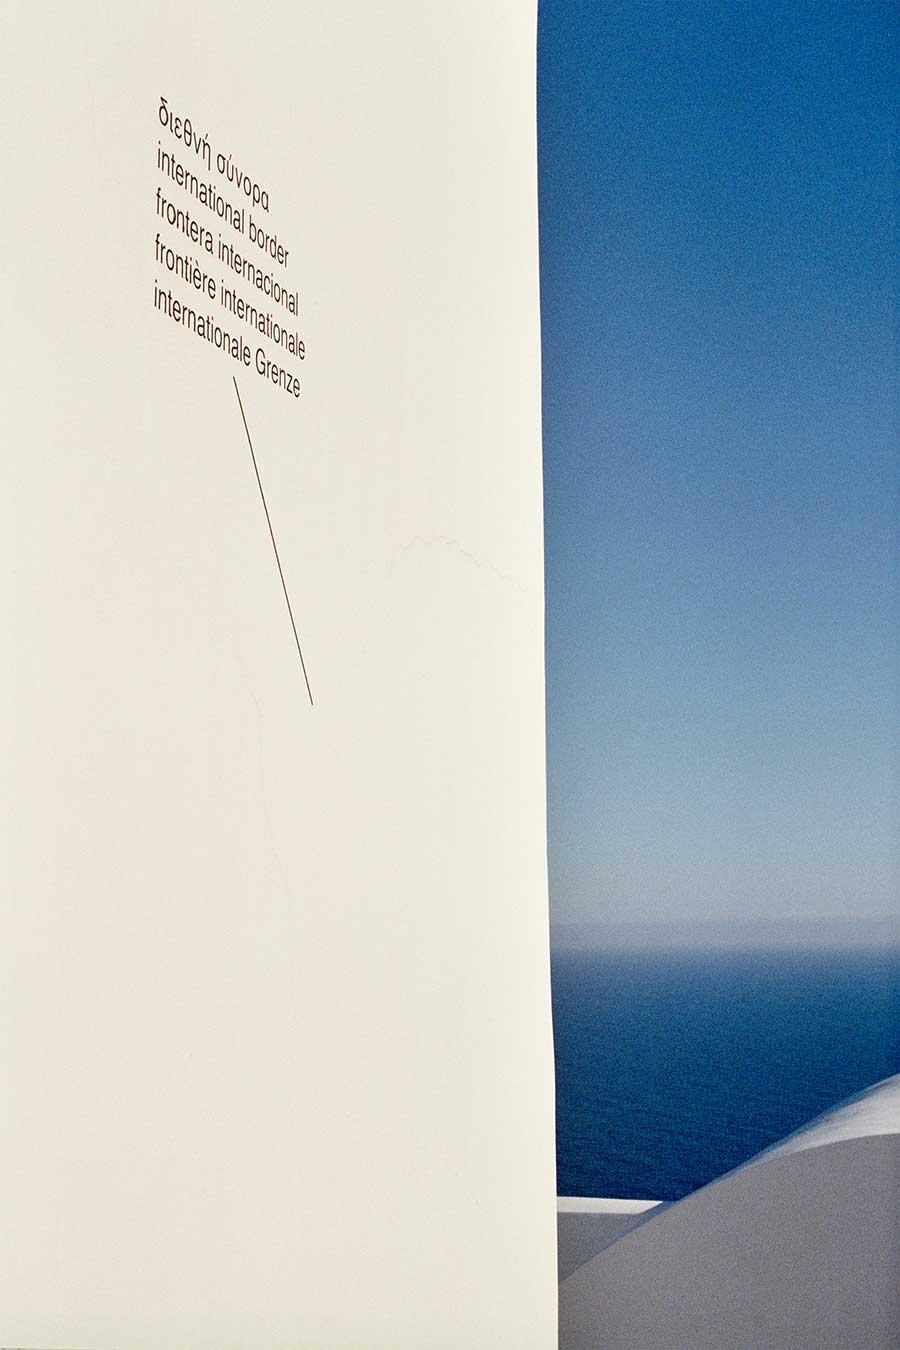 © Theo Prodromidis for Collecteurs Magazine